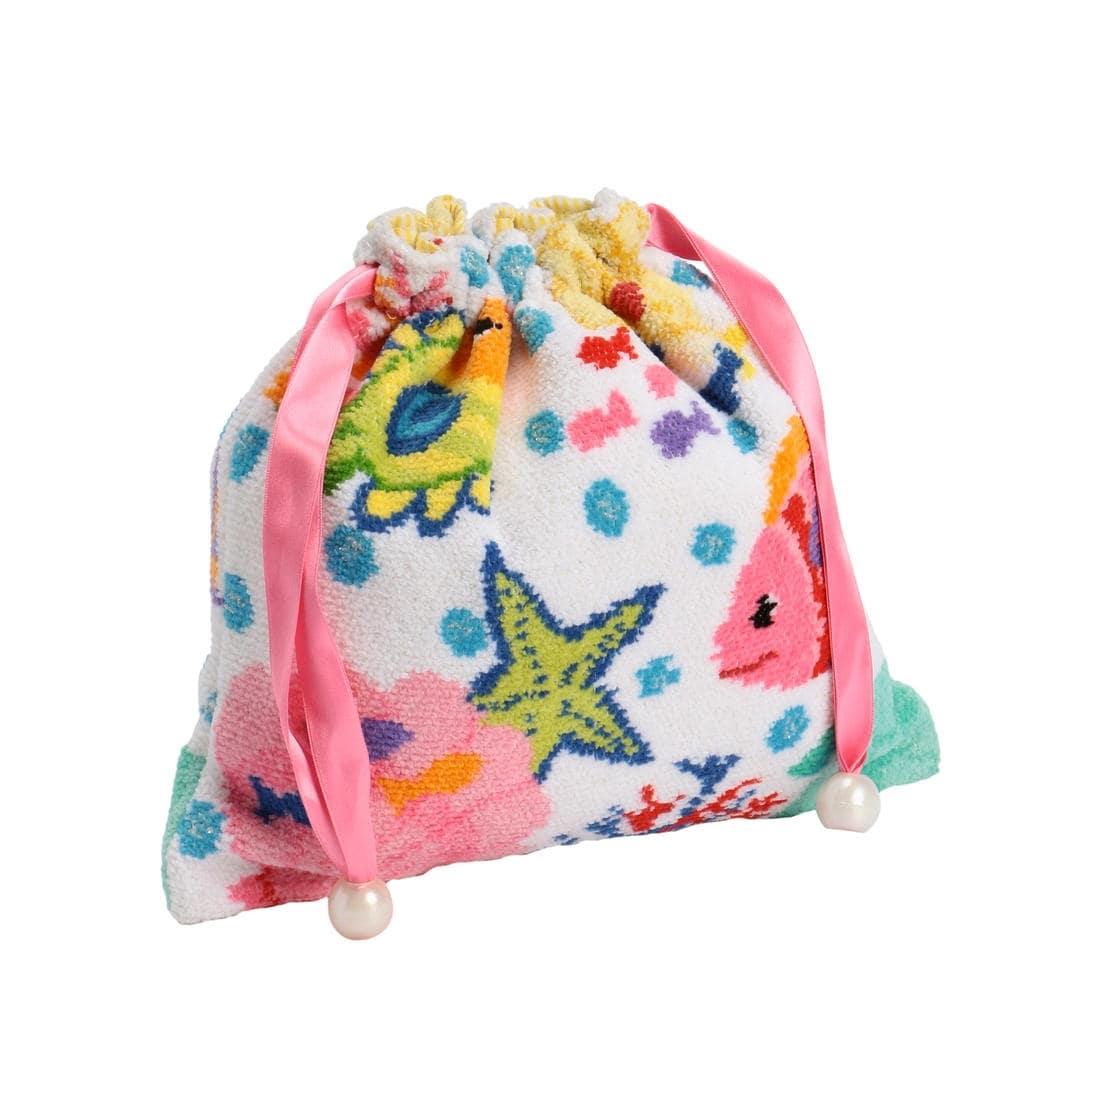 【限定品】 Chestyコラボ マリンフィッシュ巾着 MAF-170099